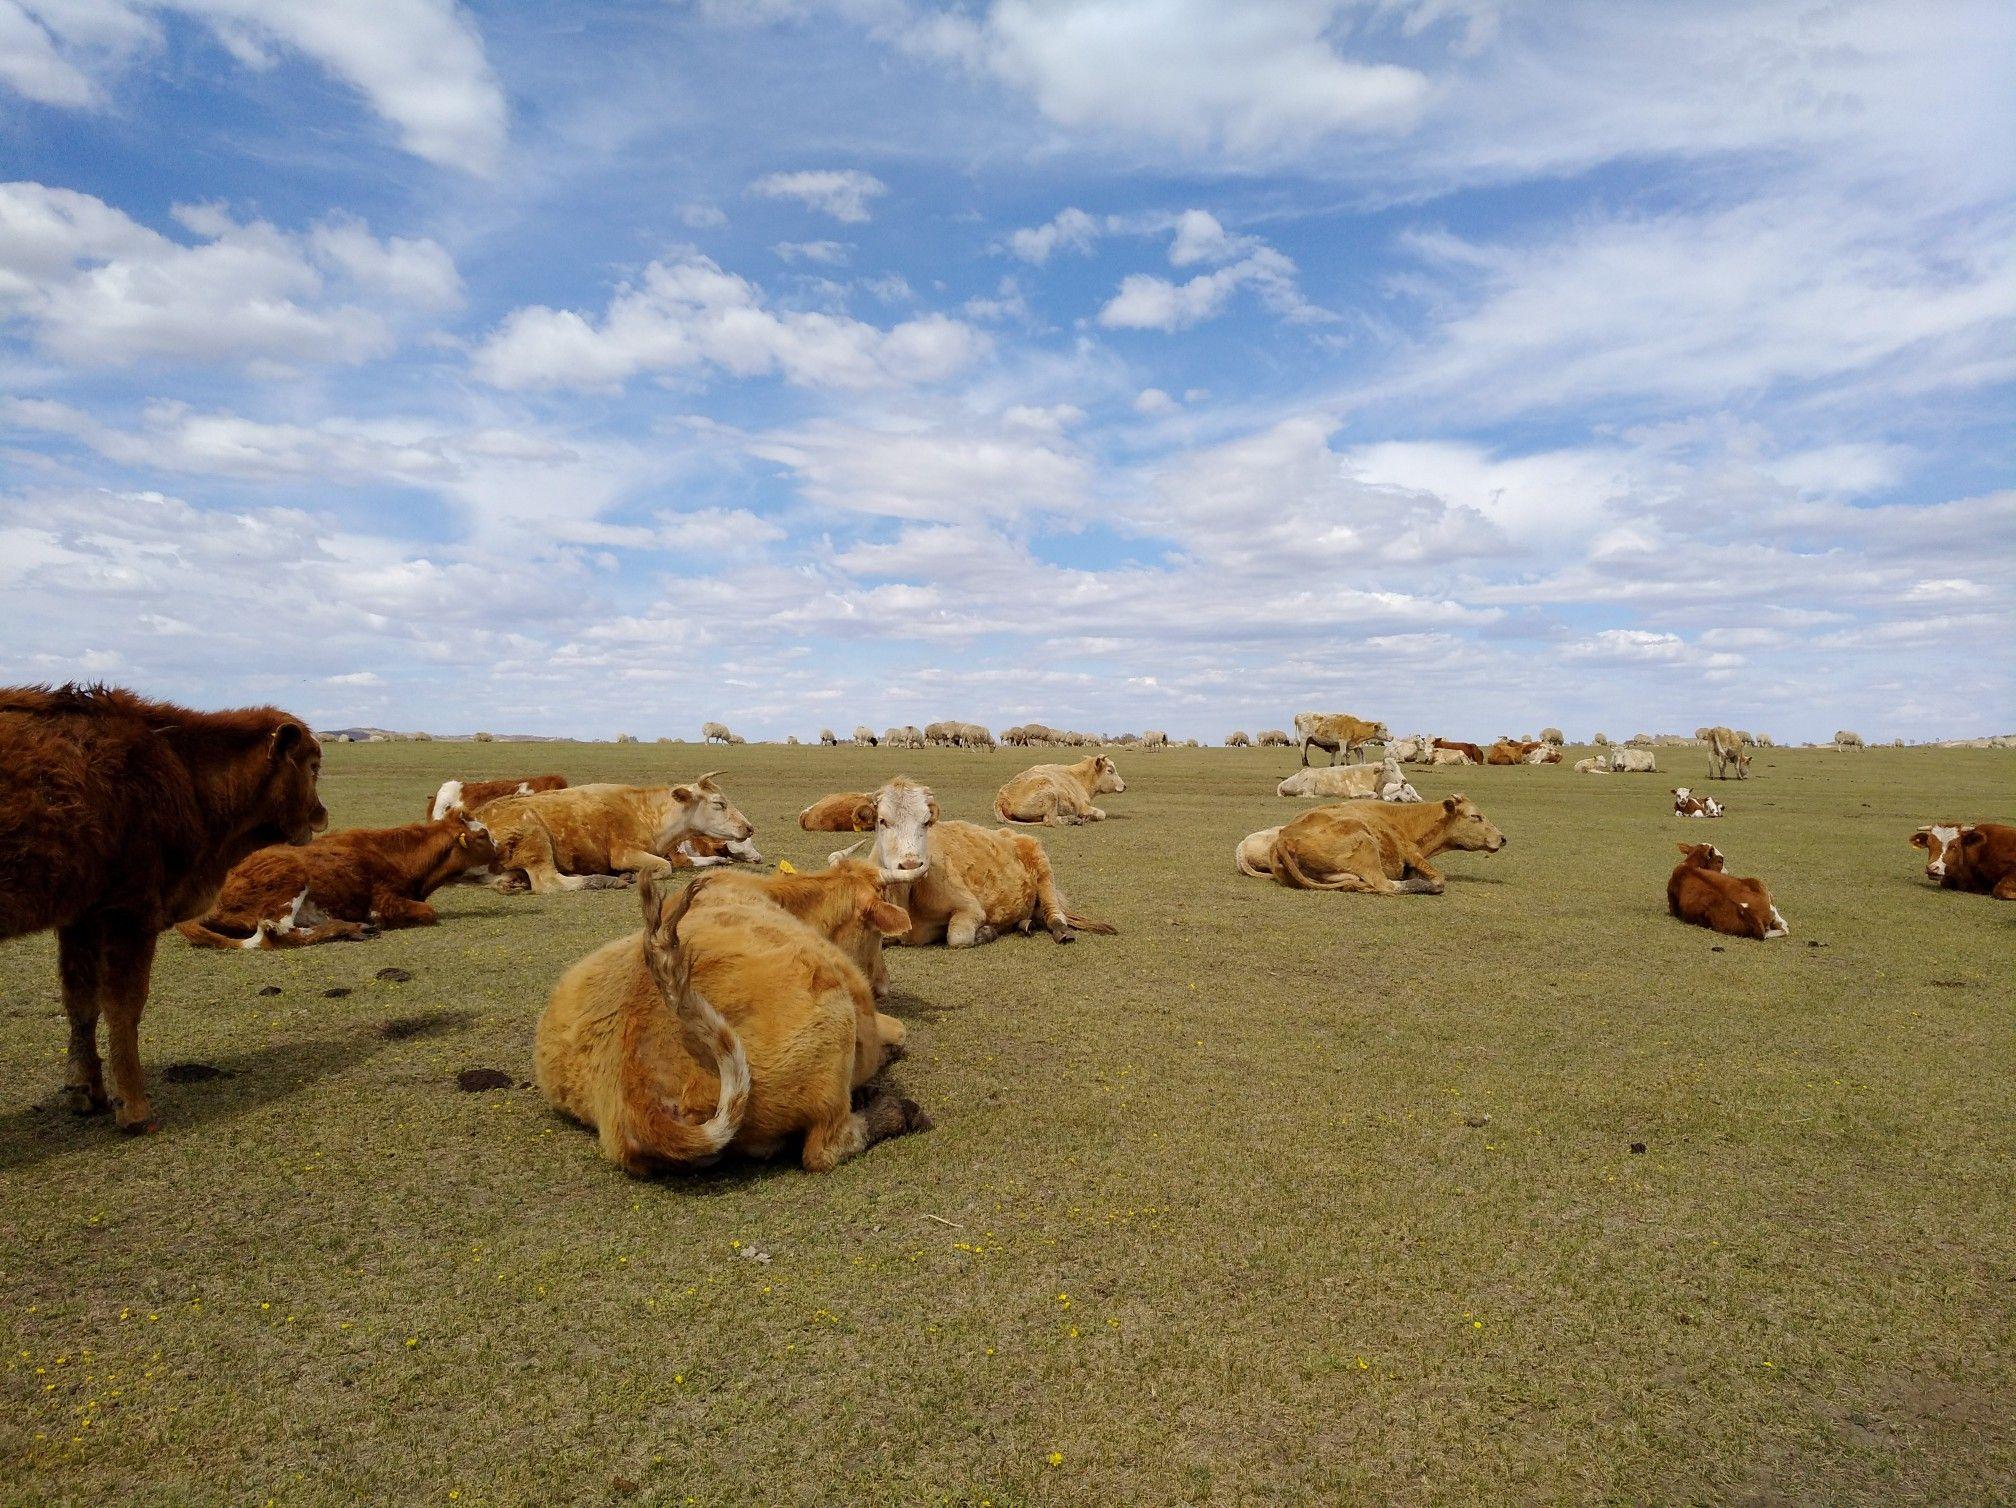 2017木兰围场美景不断更新,手机拍摄。